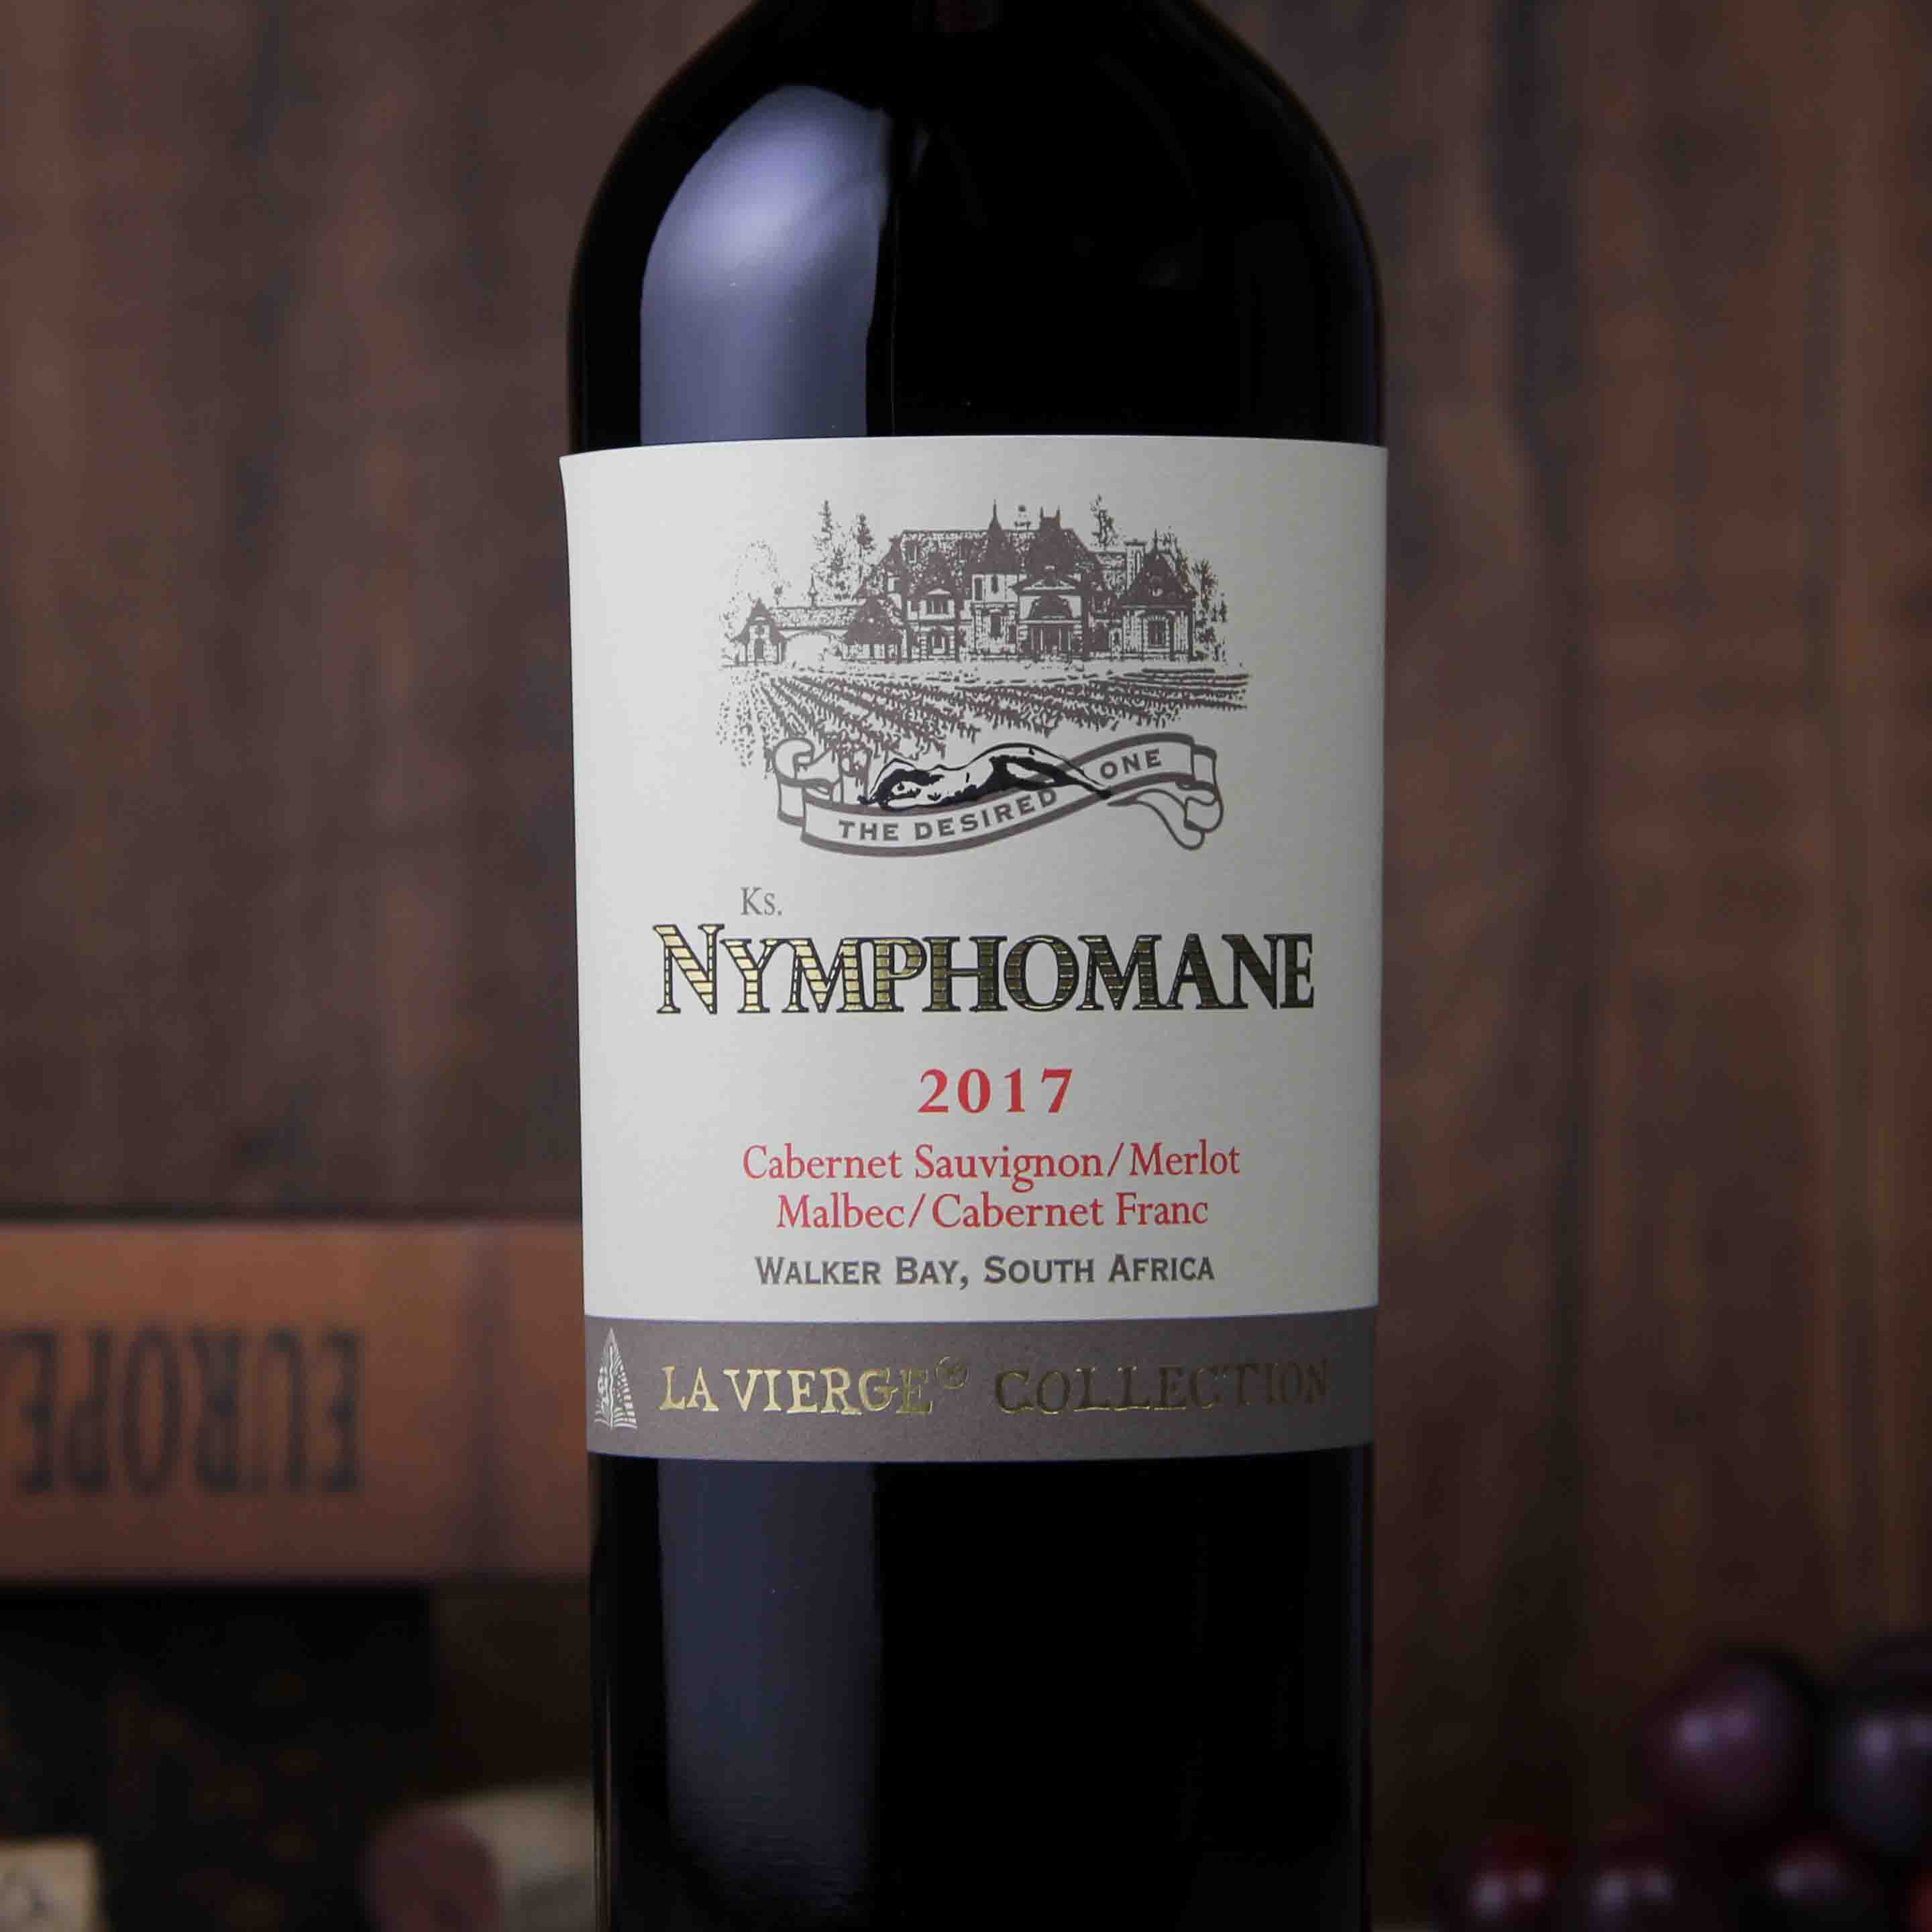 南非拉维热酒庄-耐法曼妮红葡萄酒